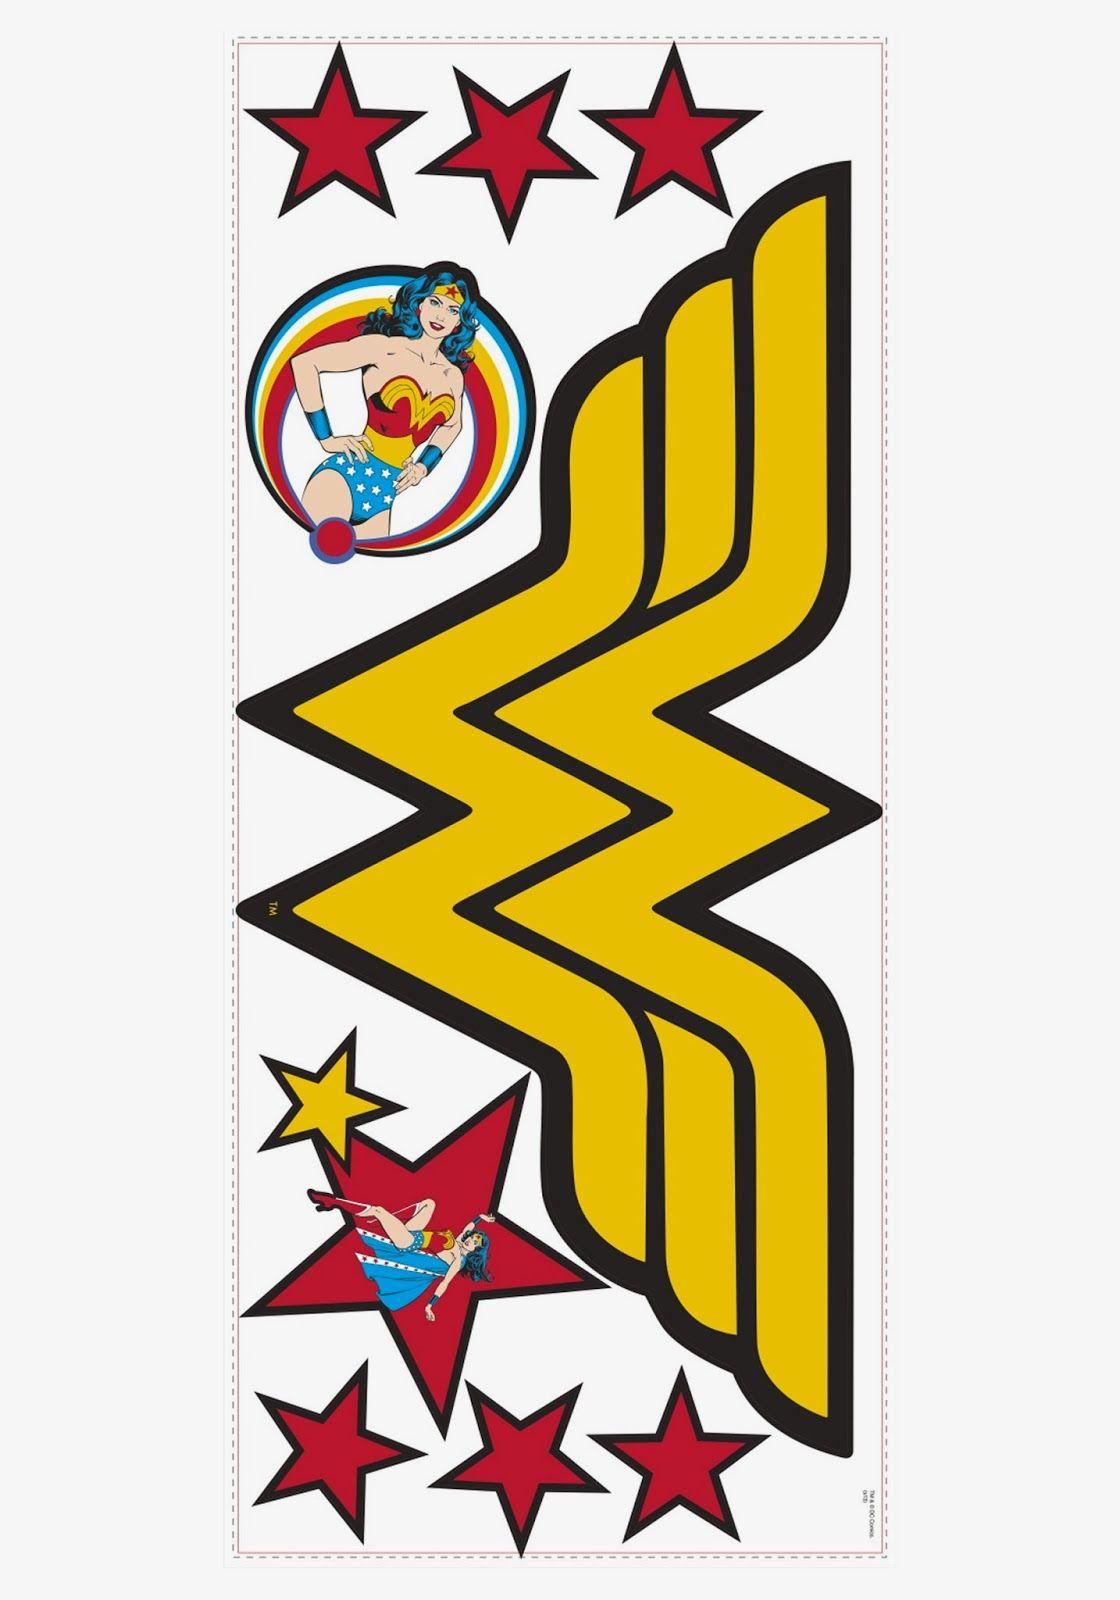 Símbolos de la Mujer Maravilla. Logo de la mujer